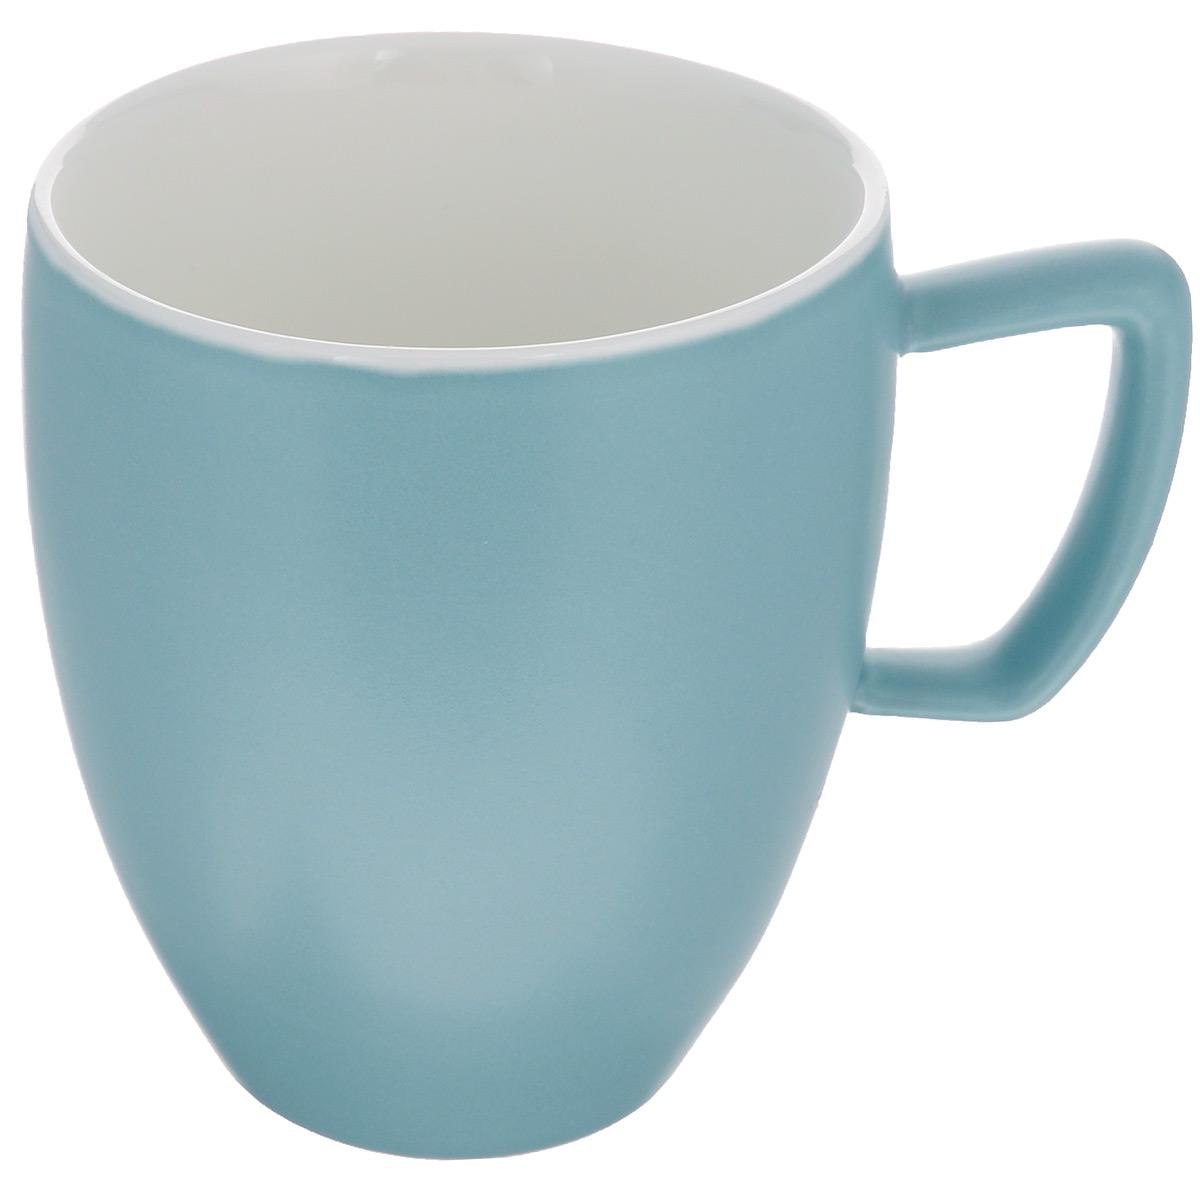 Кружка Tescoma Crema Tone, цвет: серо-голубой, 300 мл387146_серо-голубойКружка Tescoma Crema Tone, изготовленная из высококачественного фарфора, прекрасно дополнит интерьер вашей кухни. Изящный дизайн кружки придется по вкусу и ценителям классики, и тем, кто предпочитает утонченность и изысканность. Кружка Tescoma Crema Tone станет хорошим подарком к любому празднику. Диаметр (по верхнему краю): 8 см. Высота: 10 см.